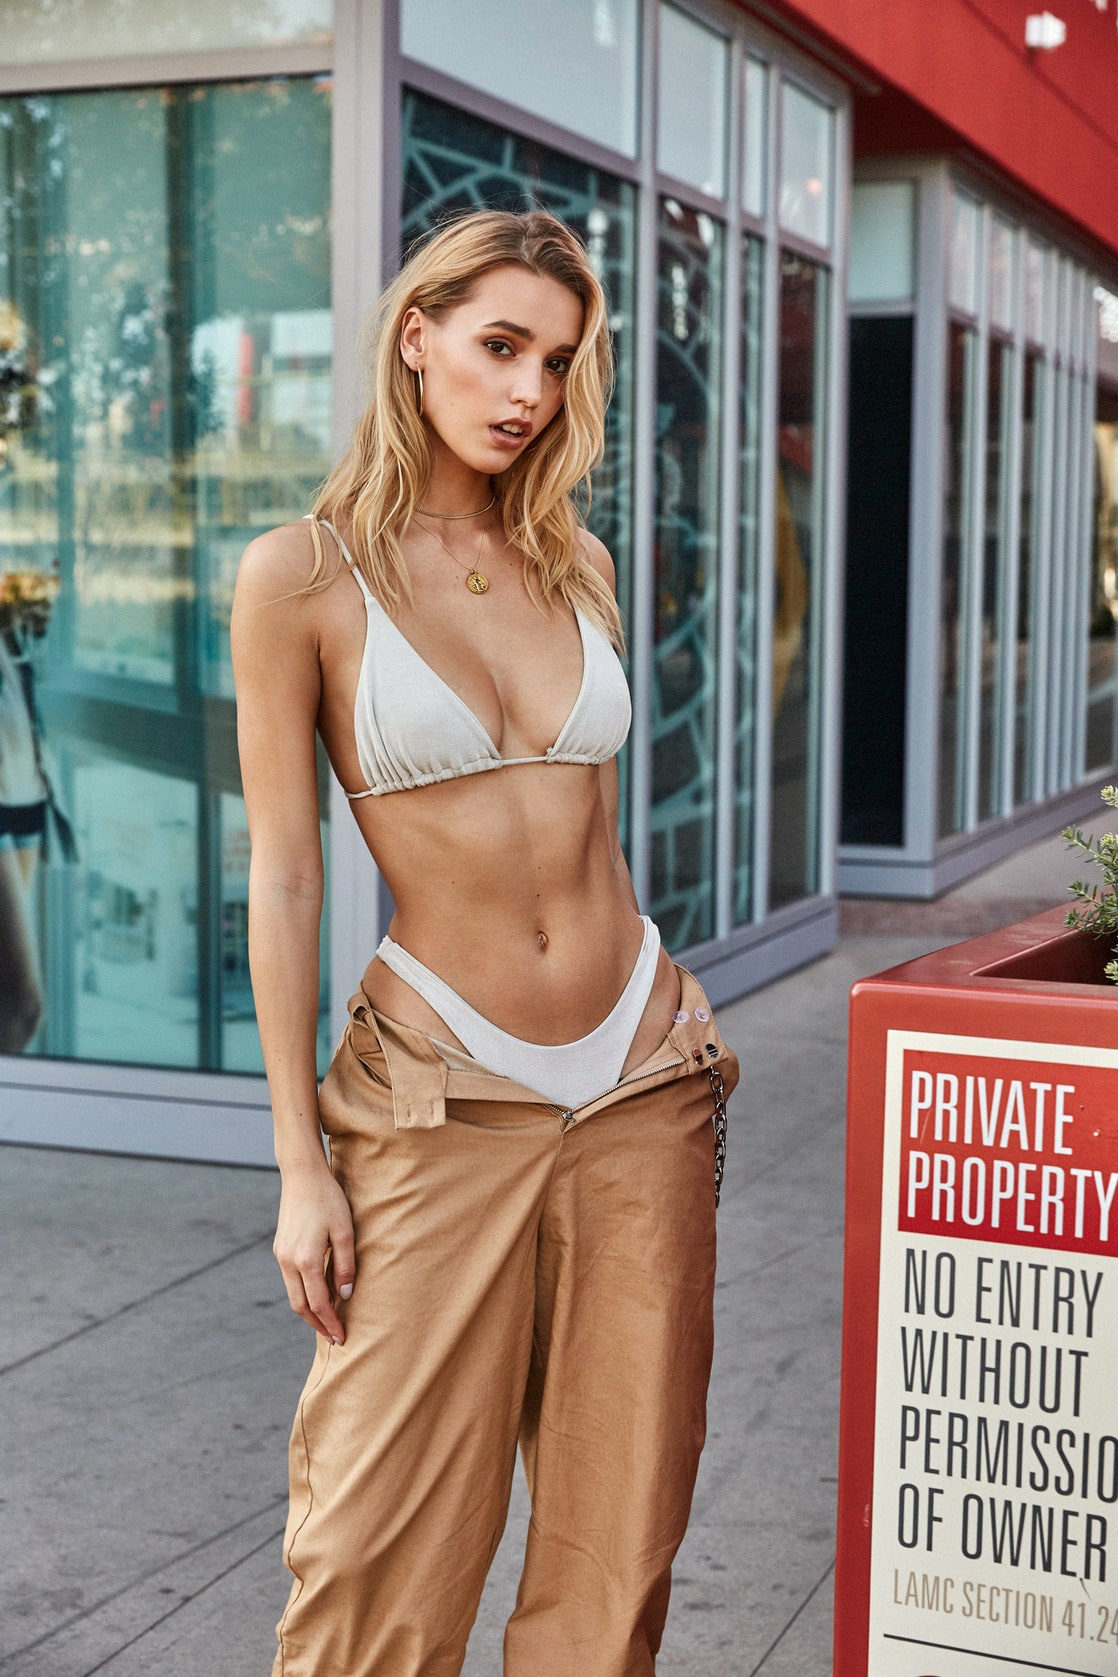 Paparazzi Mariya Melnyk naked (39 photo), Pussy, Cleavage, Feet, swimsuit 2006